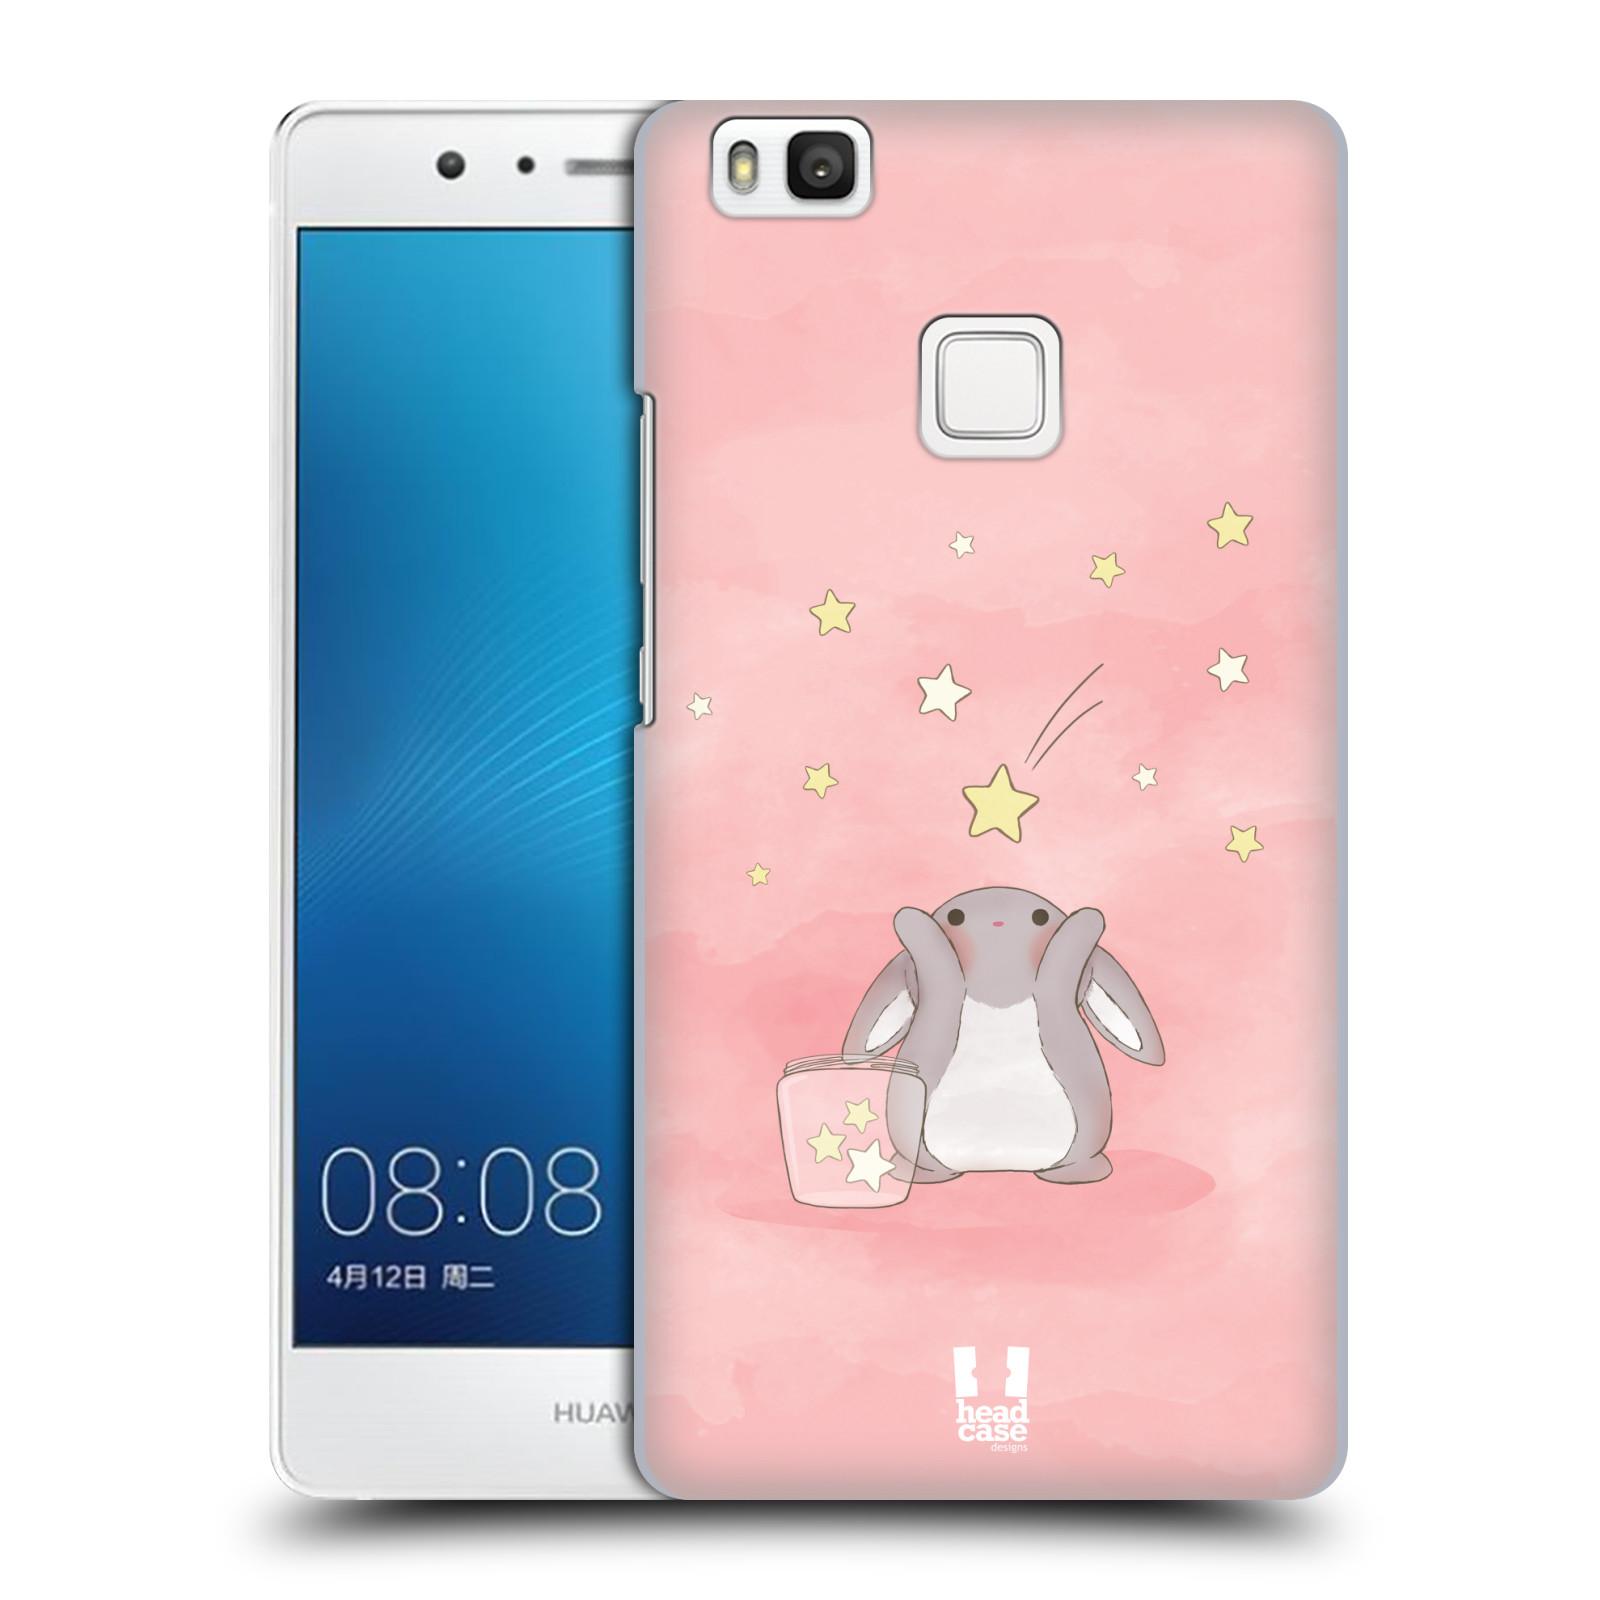 HEAD CASE plastový obal na mobil Huawei P9 LITE / P9 LITE DUAL SIM vzor králíček a hvězdy růžová